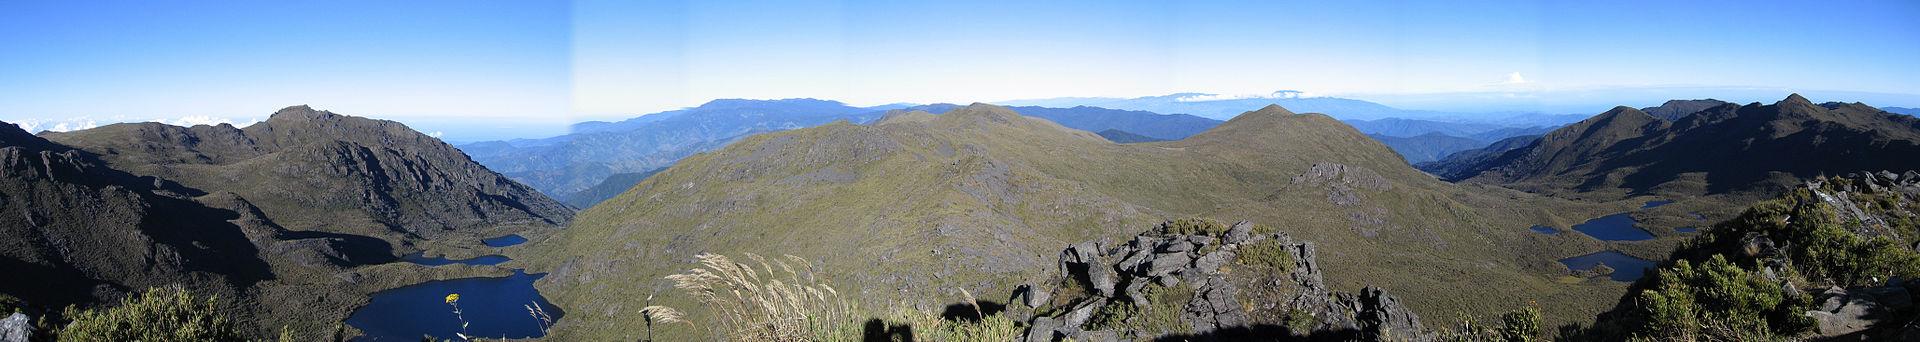 Cordillera de Talamanca con el Cerro Chirripó en el centro.